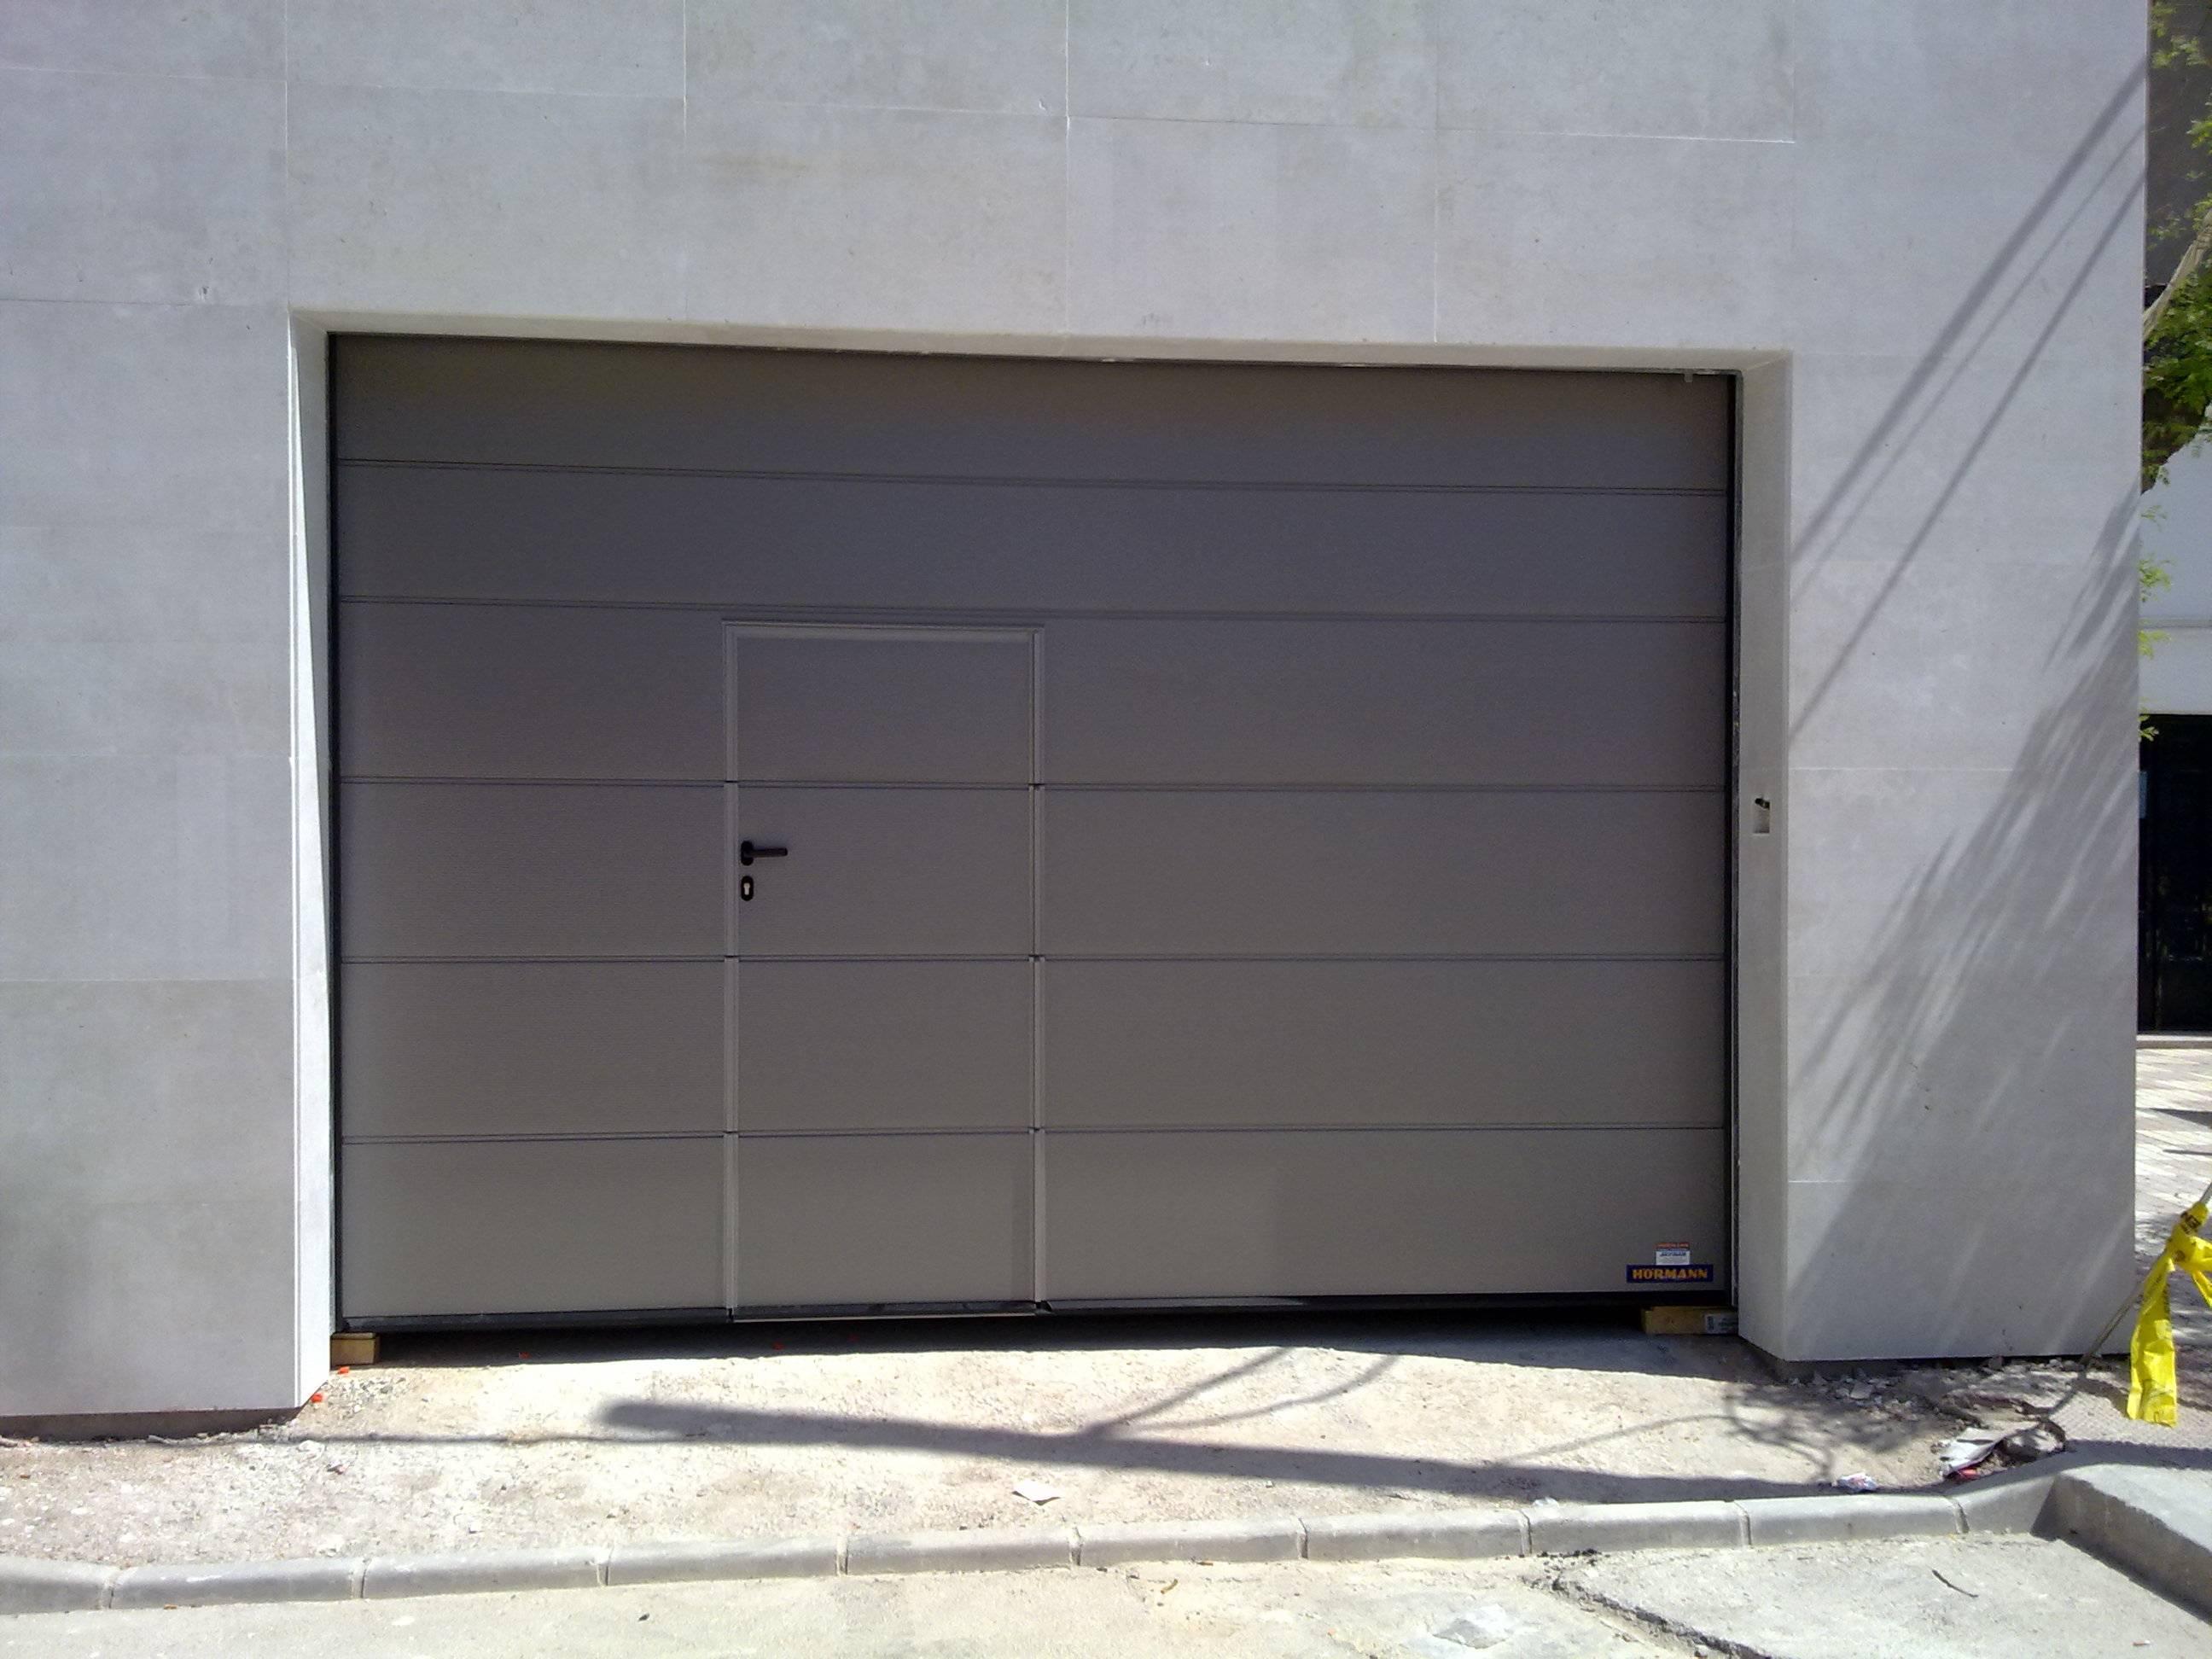 Instalaci n puertas de garaje en valencia sant salvador - Puertas de garaje murcia ...